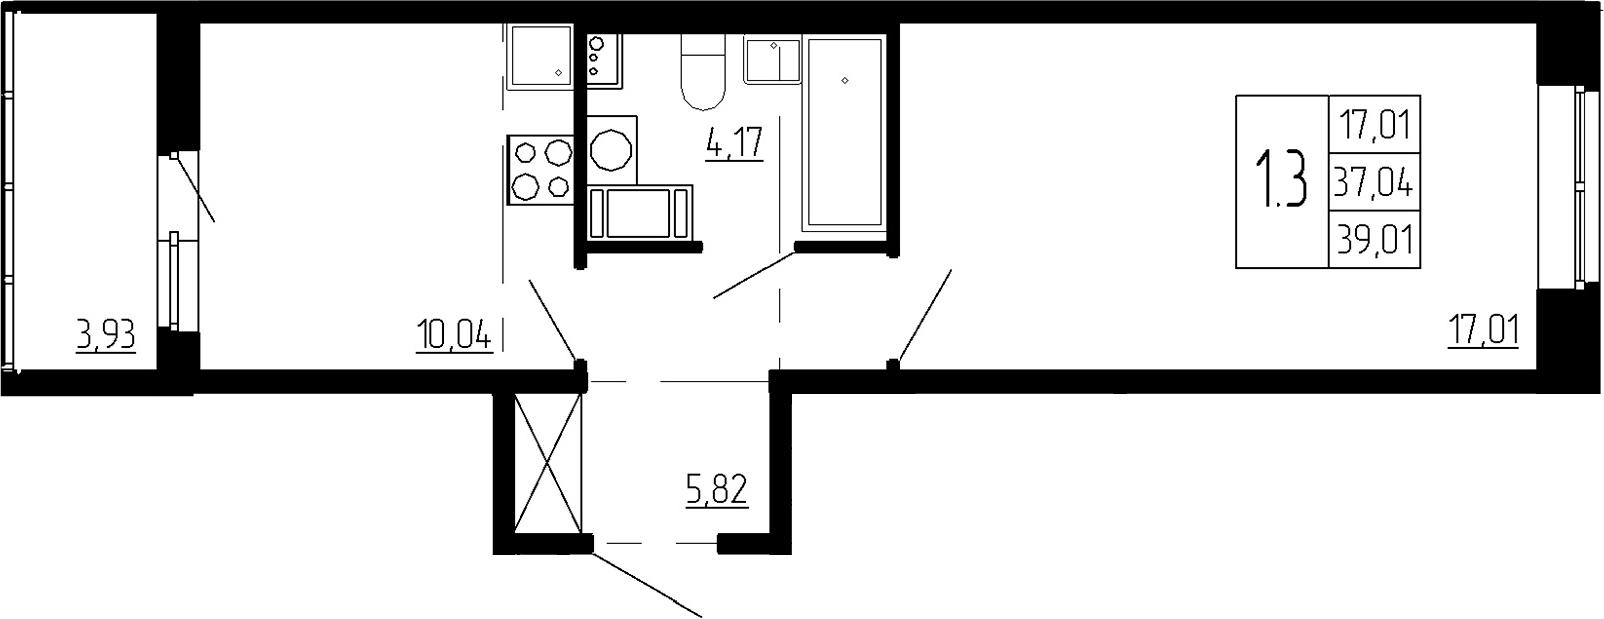 1-к.кв, 37.04 м², 2 этаж